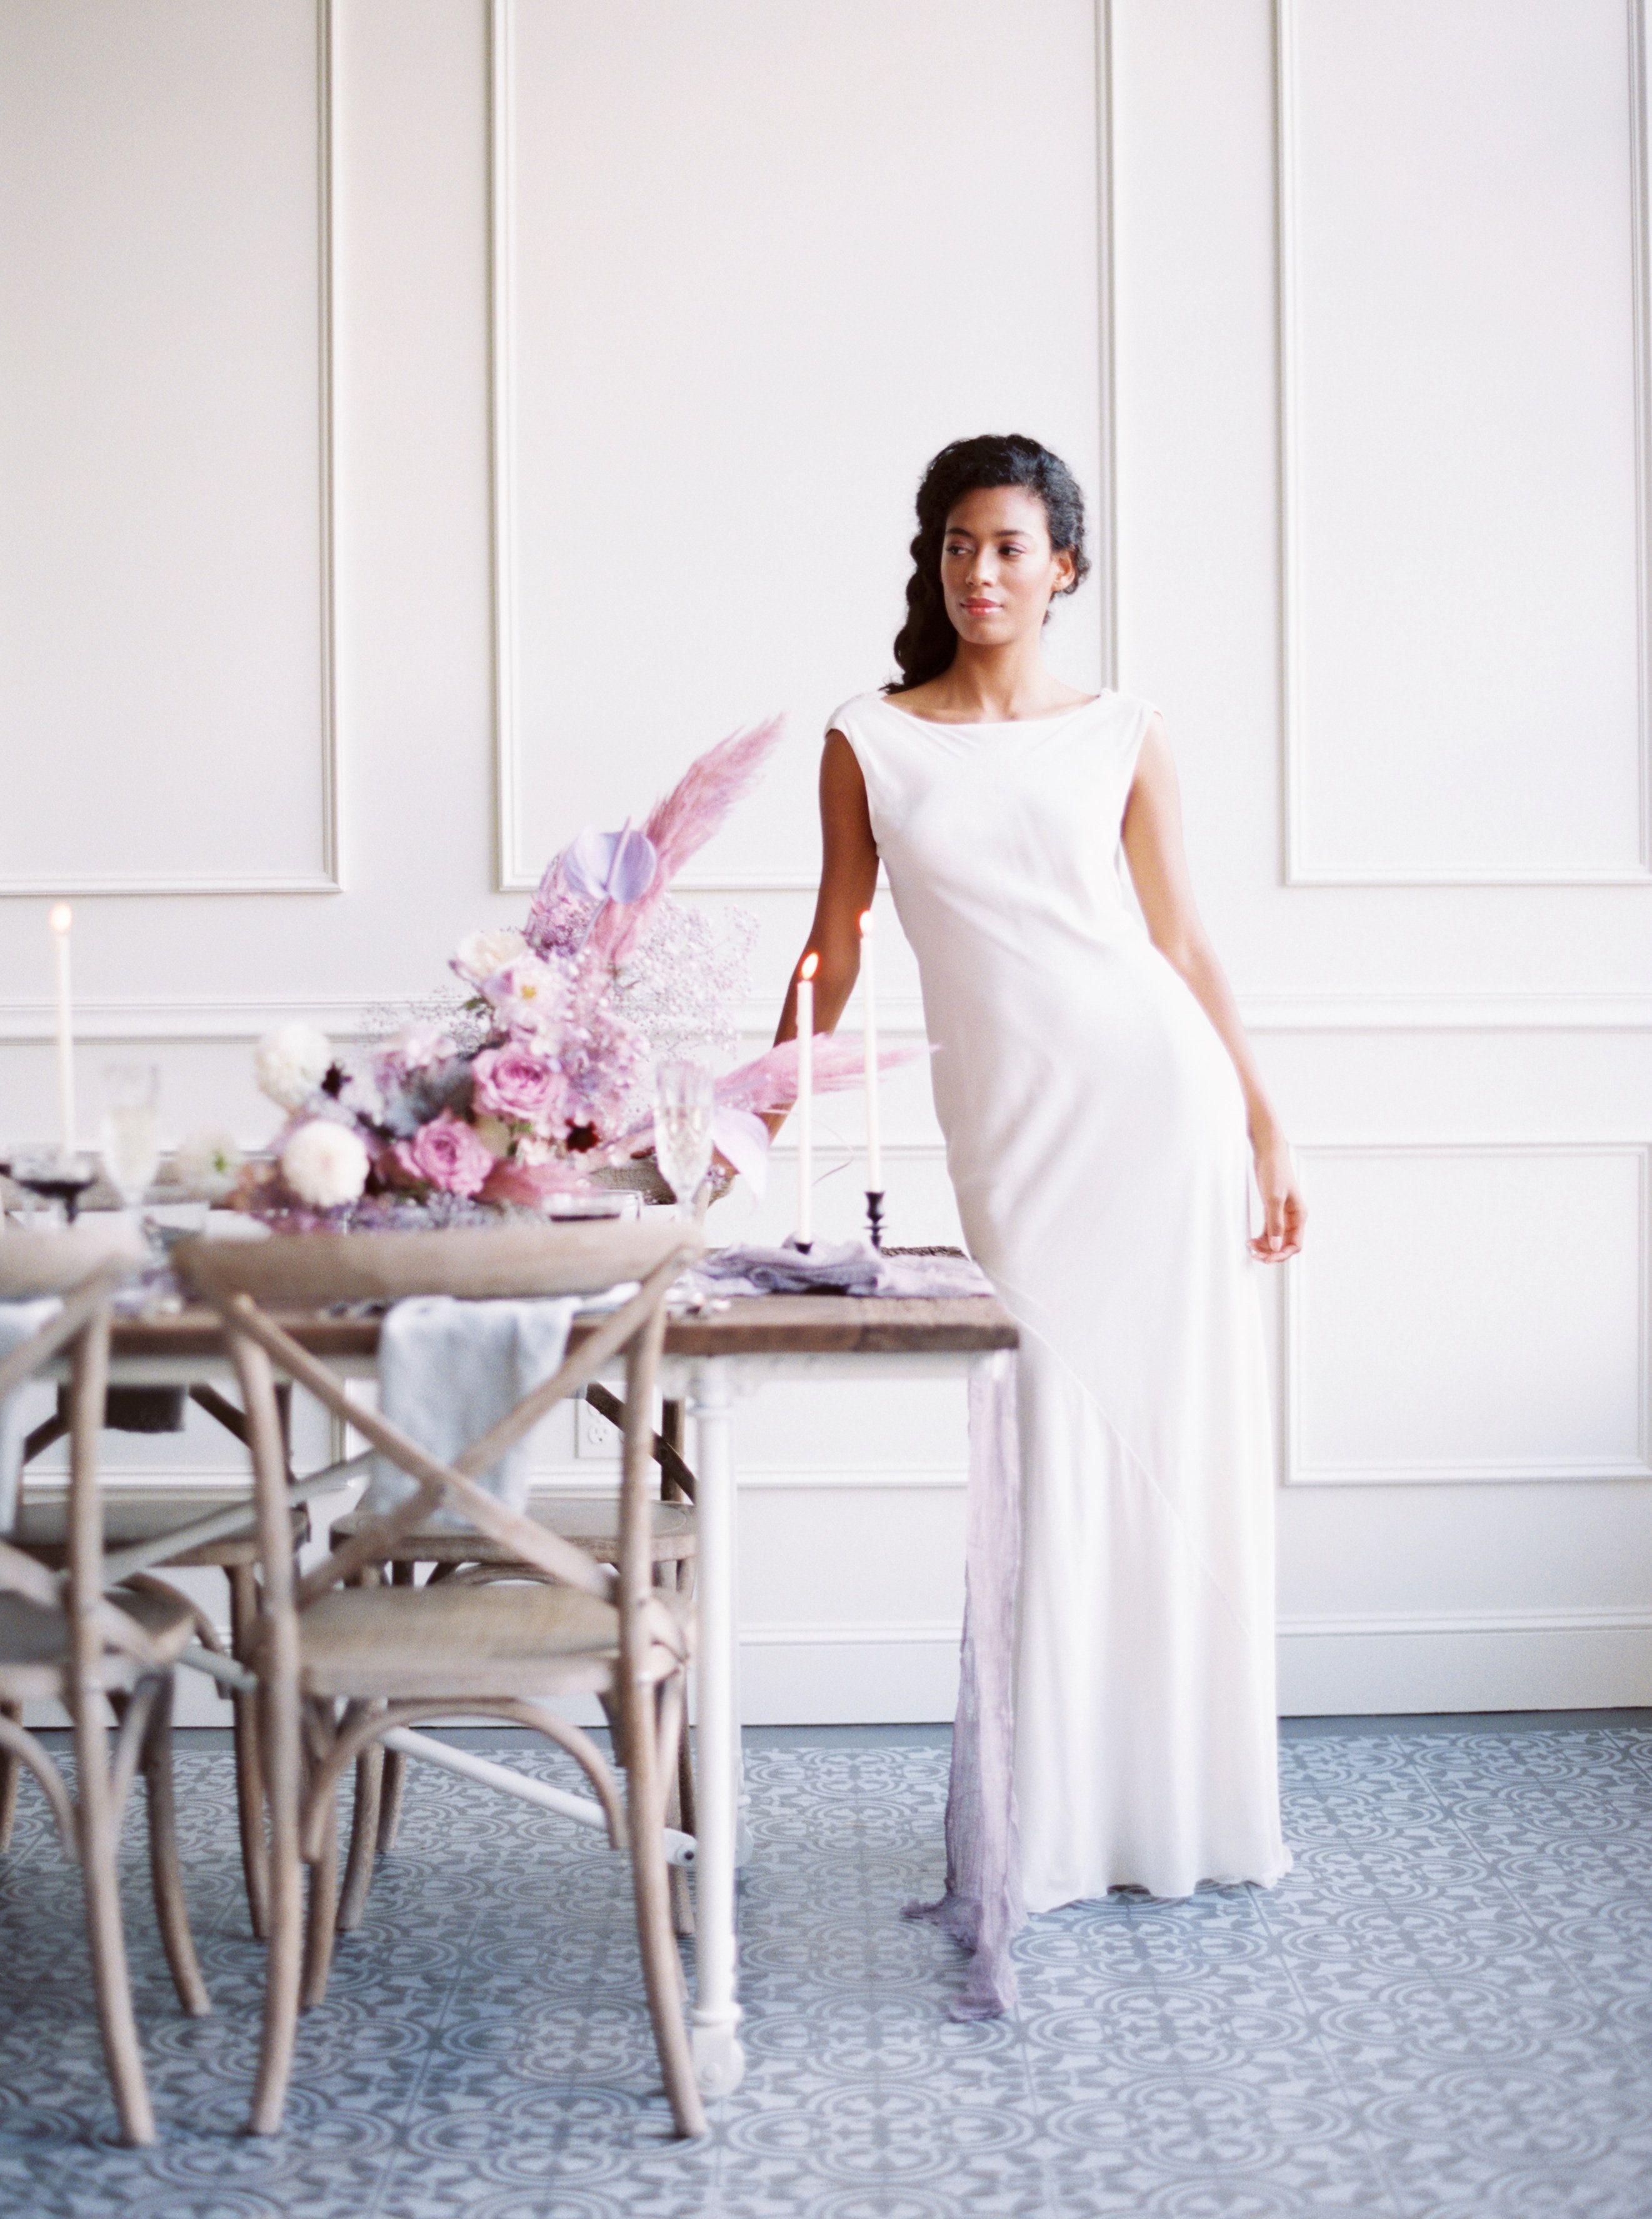 The lovely Scarlett dress in velvet | Lena Medoyeff Studio | Bridal ...